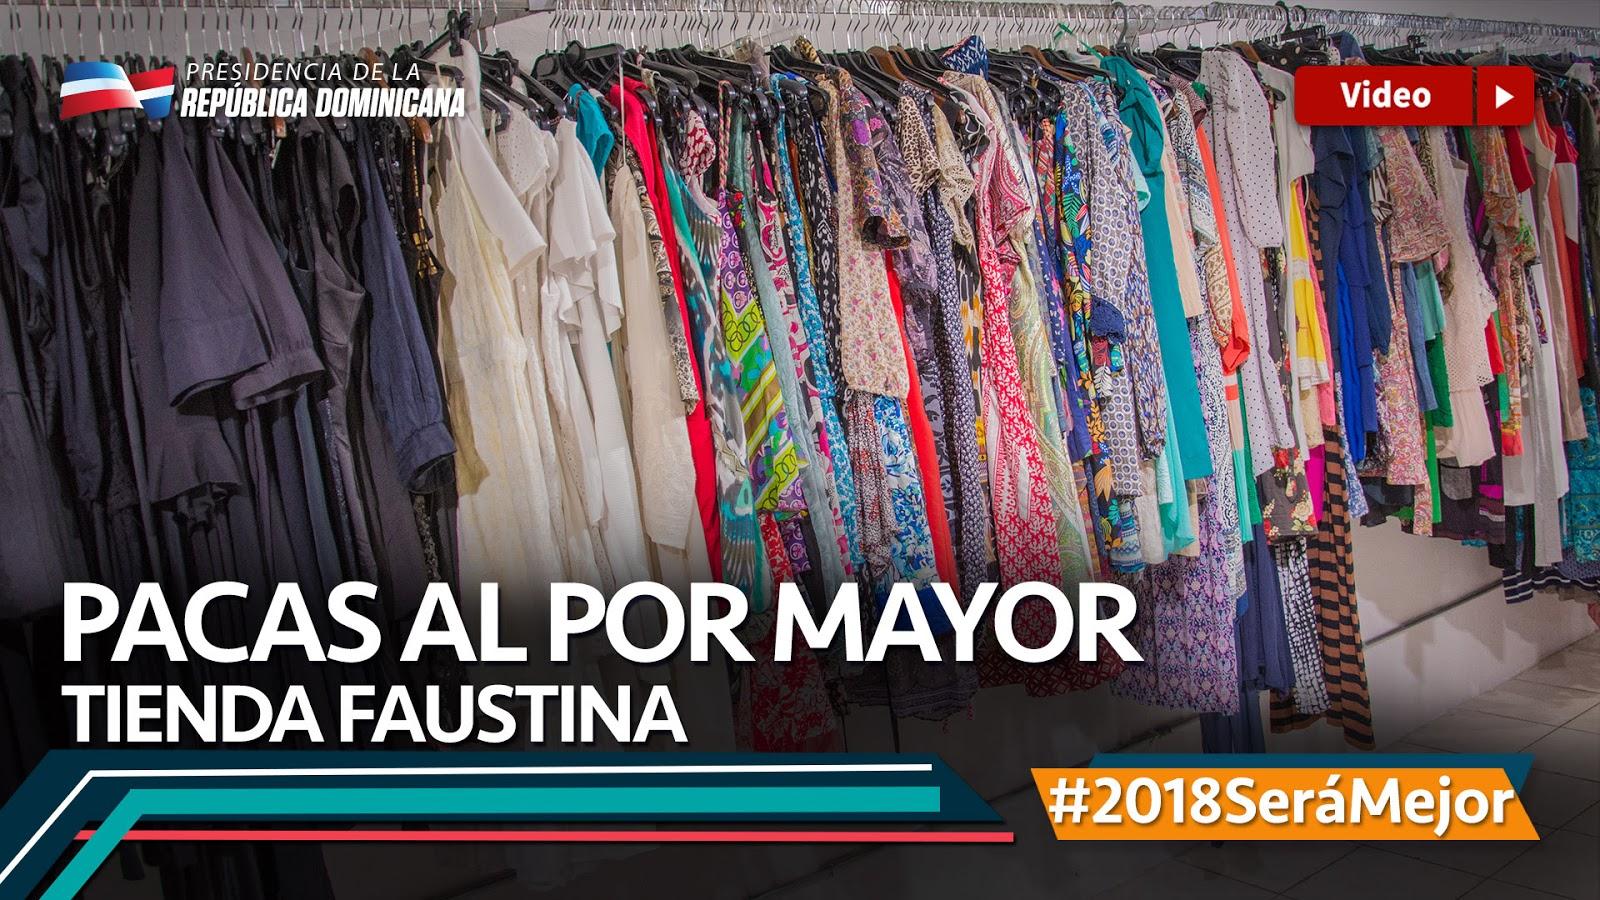 VIDEO: Pacas al por mayor. Tienda Faustina. # 2018SeráMejor